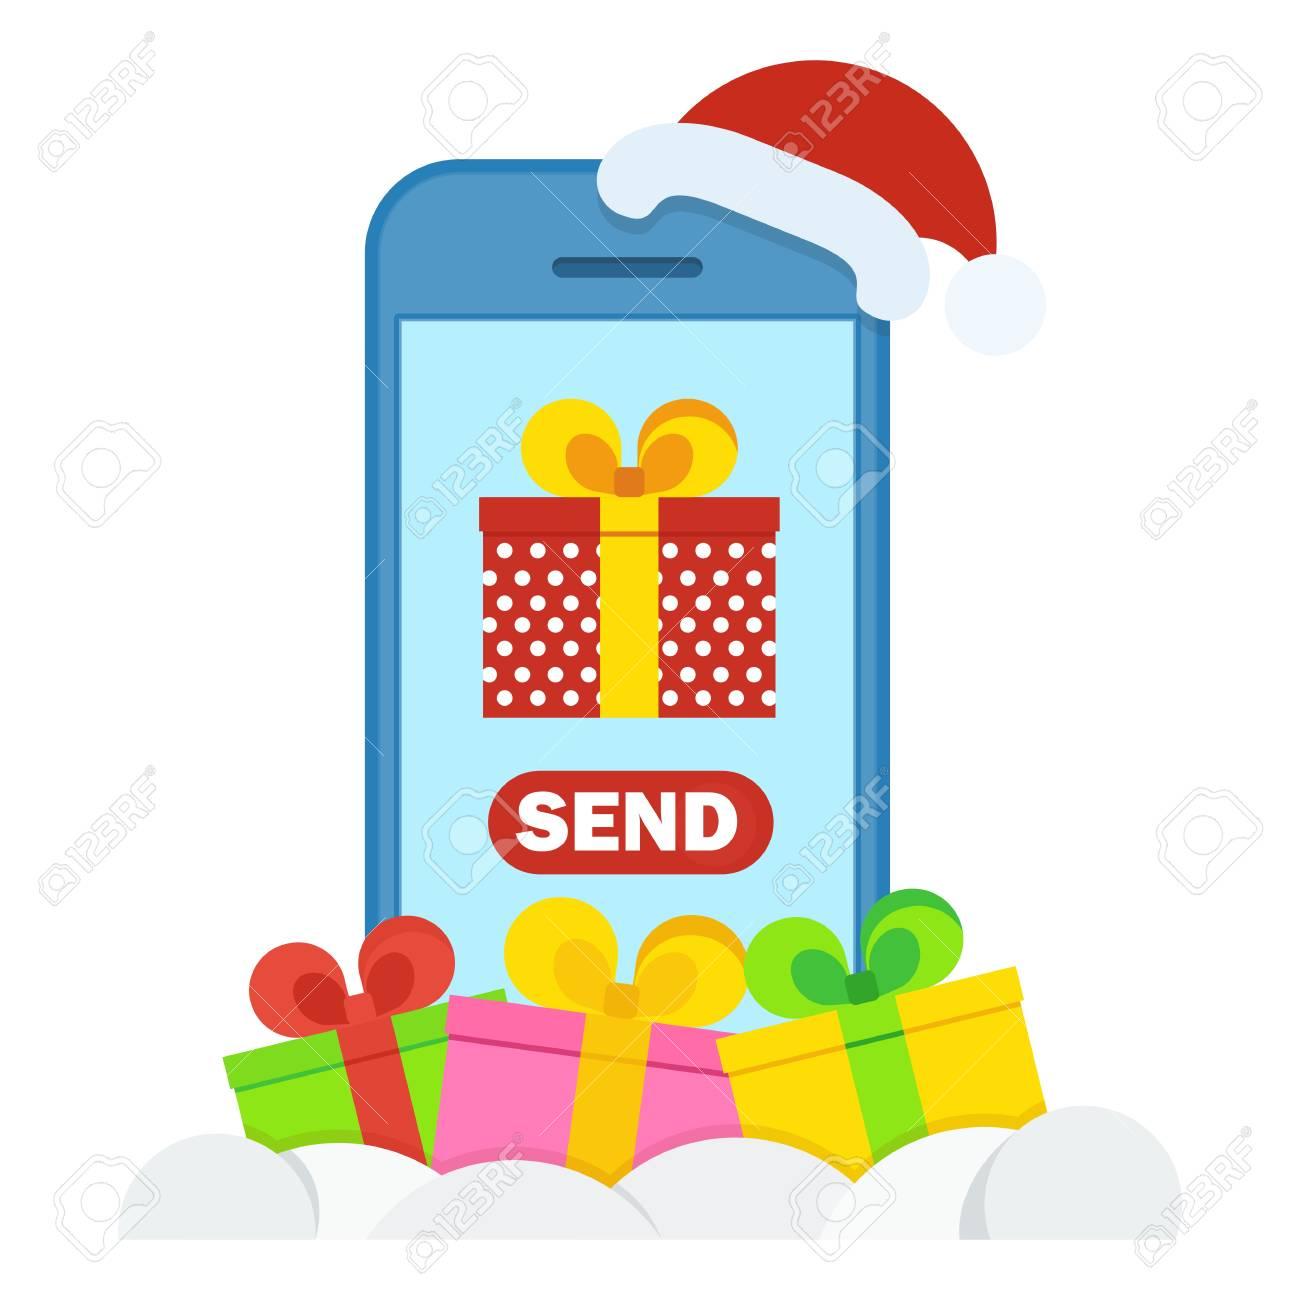 Felicitaciones Navidad Internet.Regalos De Navidad Cerca Del Telefono Mobilnog Concepto De Compras En Internet En Linea Felicitaciones Pedidos Y Compras A Traves De Internet